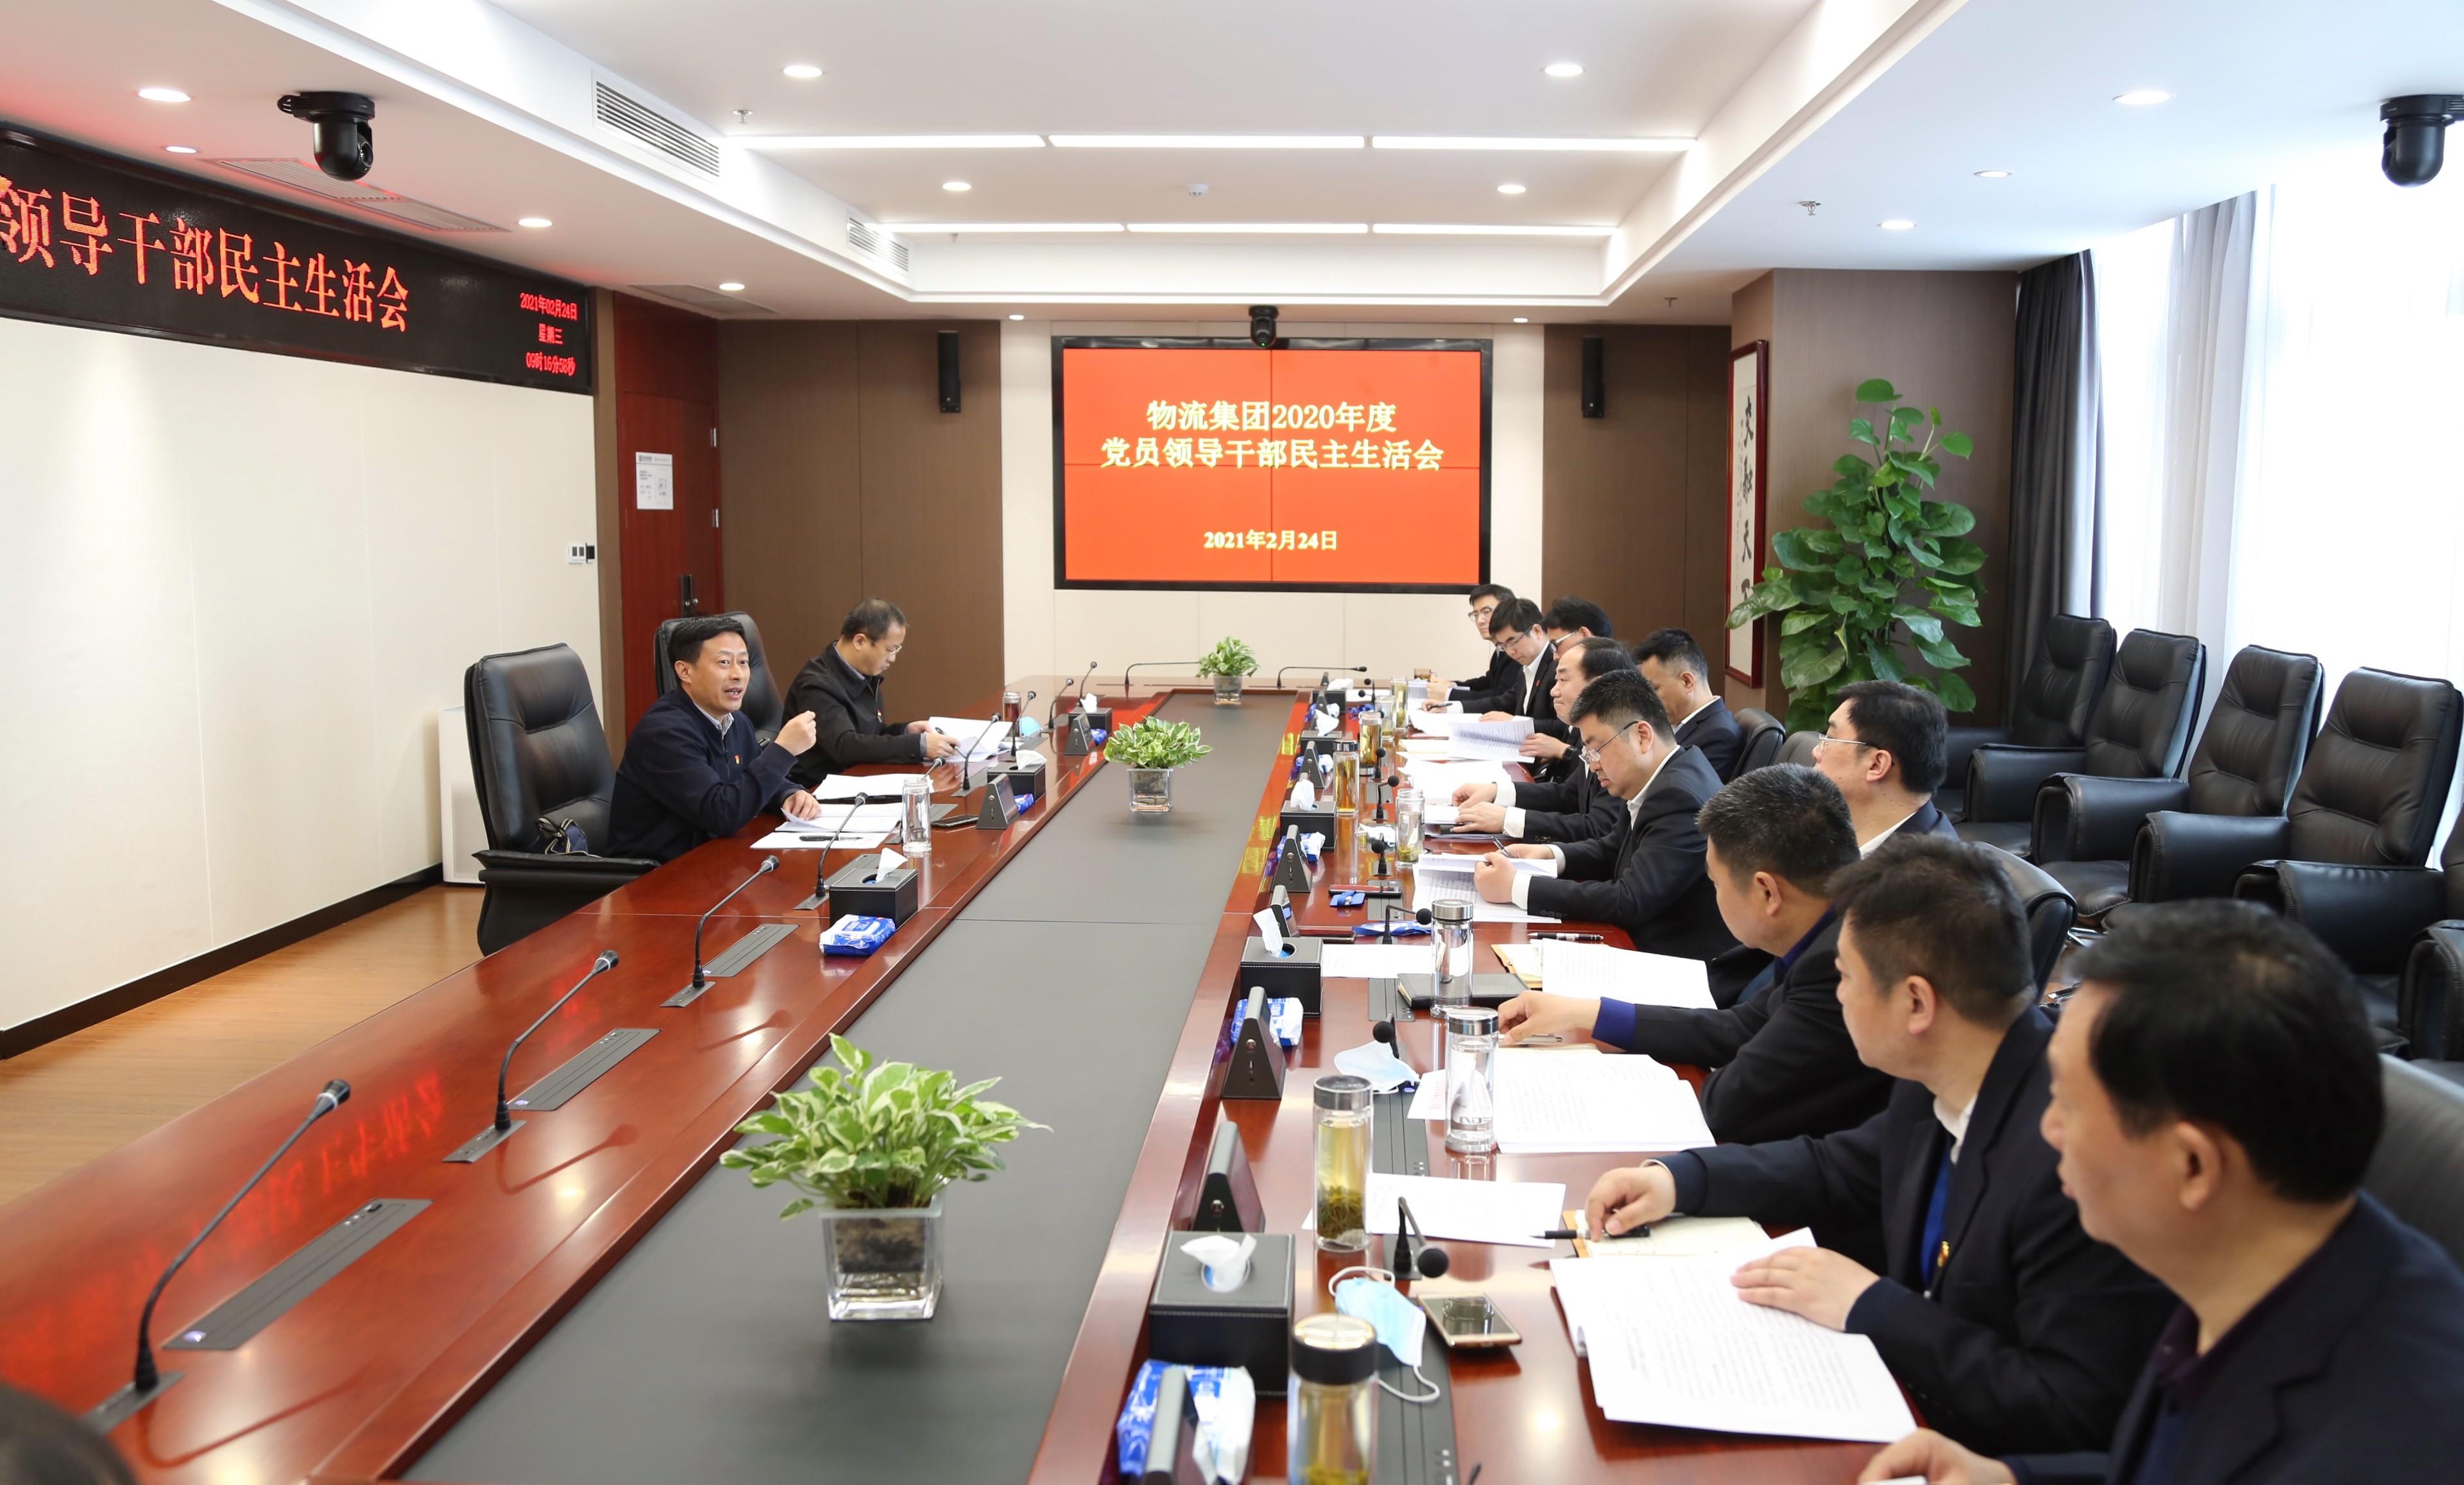 物流集团召开2020年度党员领导干部民主生活会